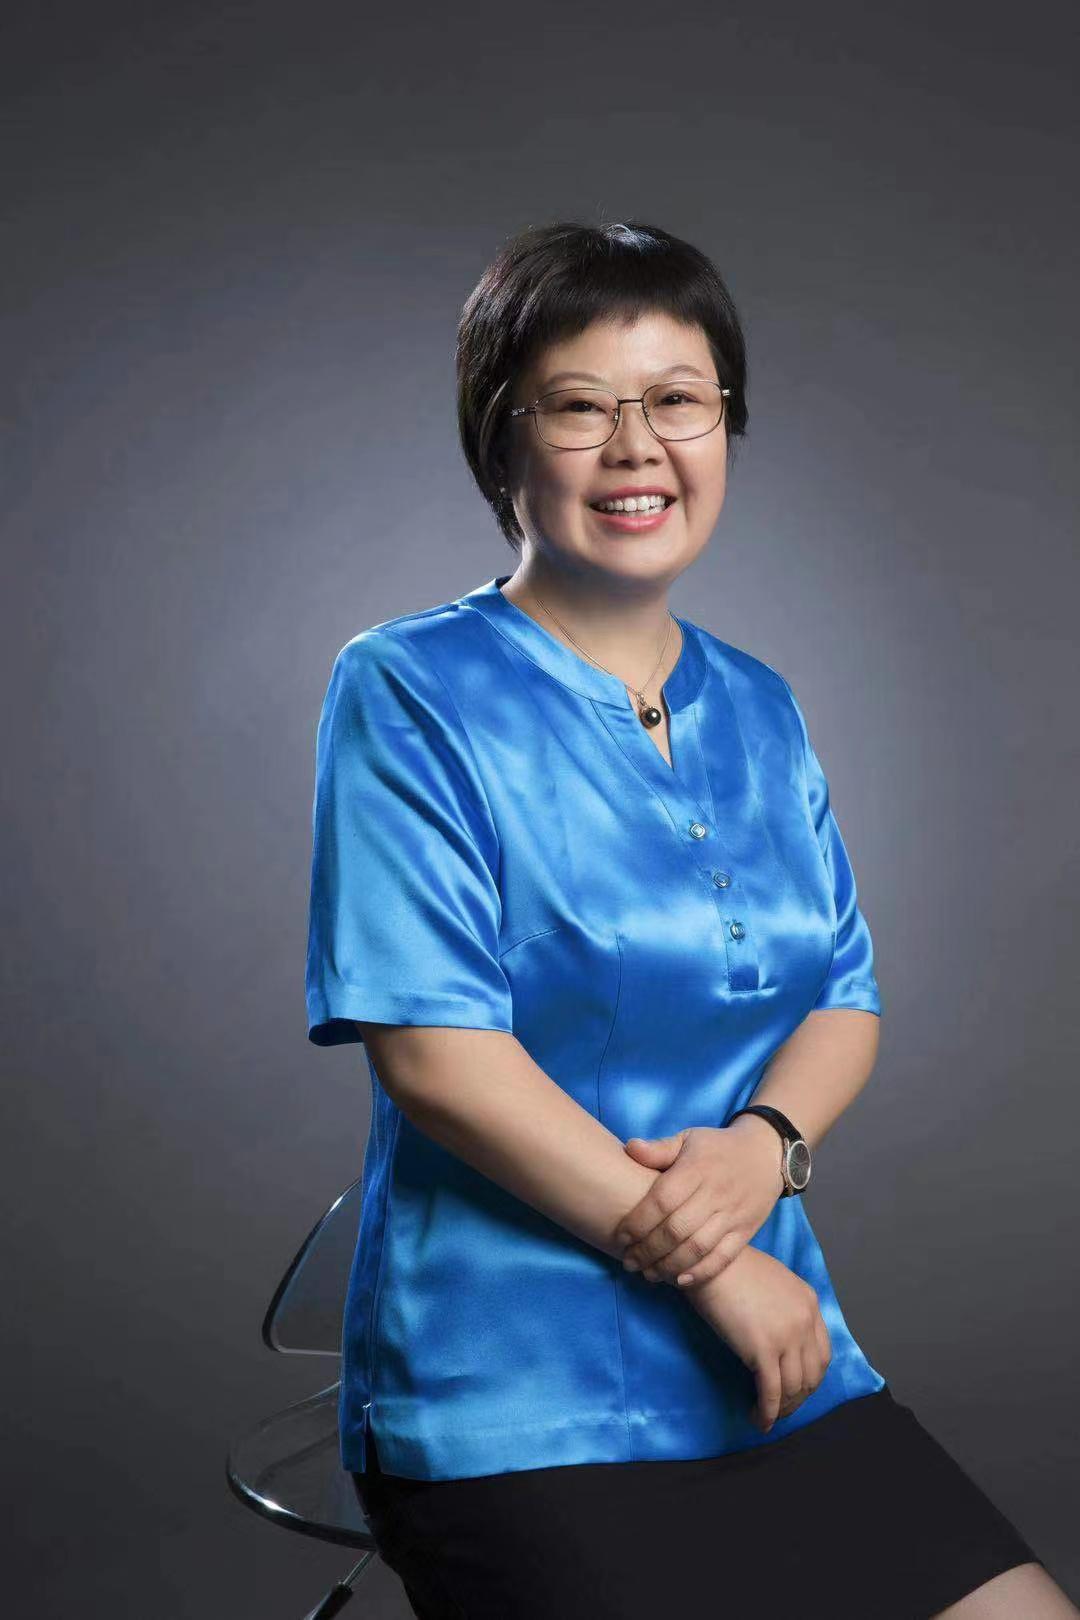 国联安基金总经理孟朝霞